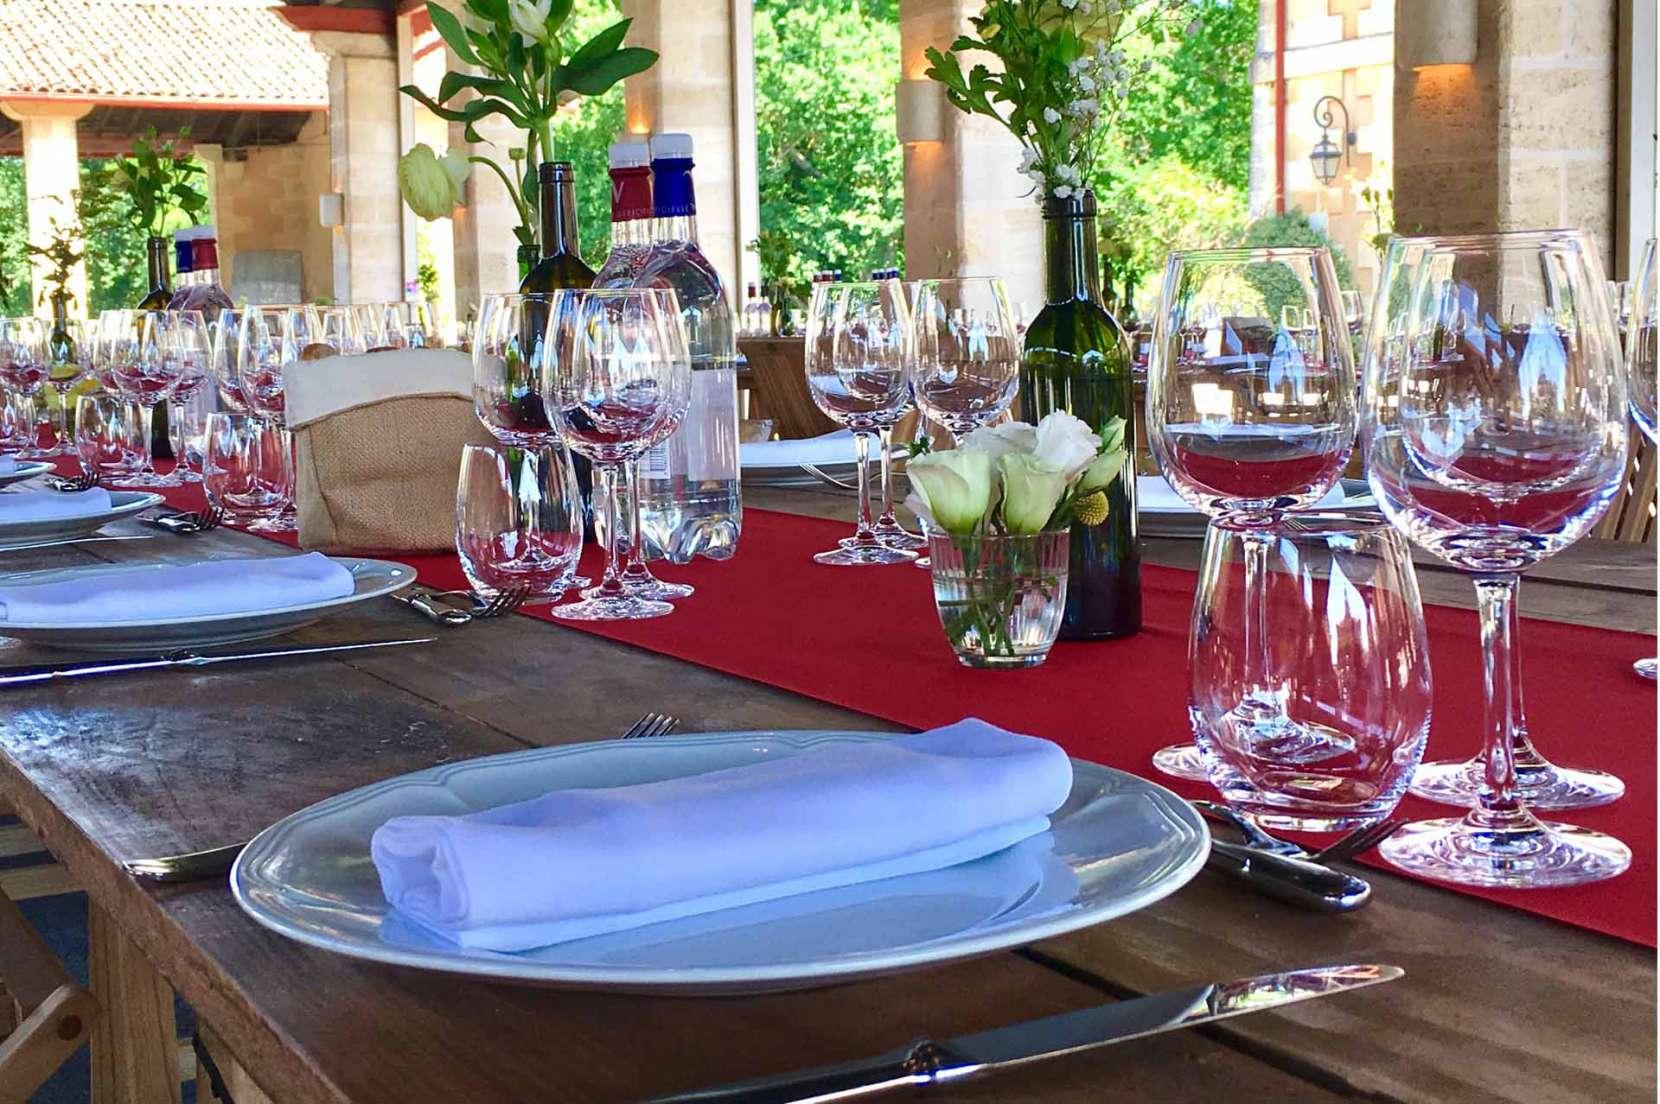 Déjeuner-champètre-au-chateau-Giscours-sur-table-en-bois-1660x1104.jpg